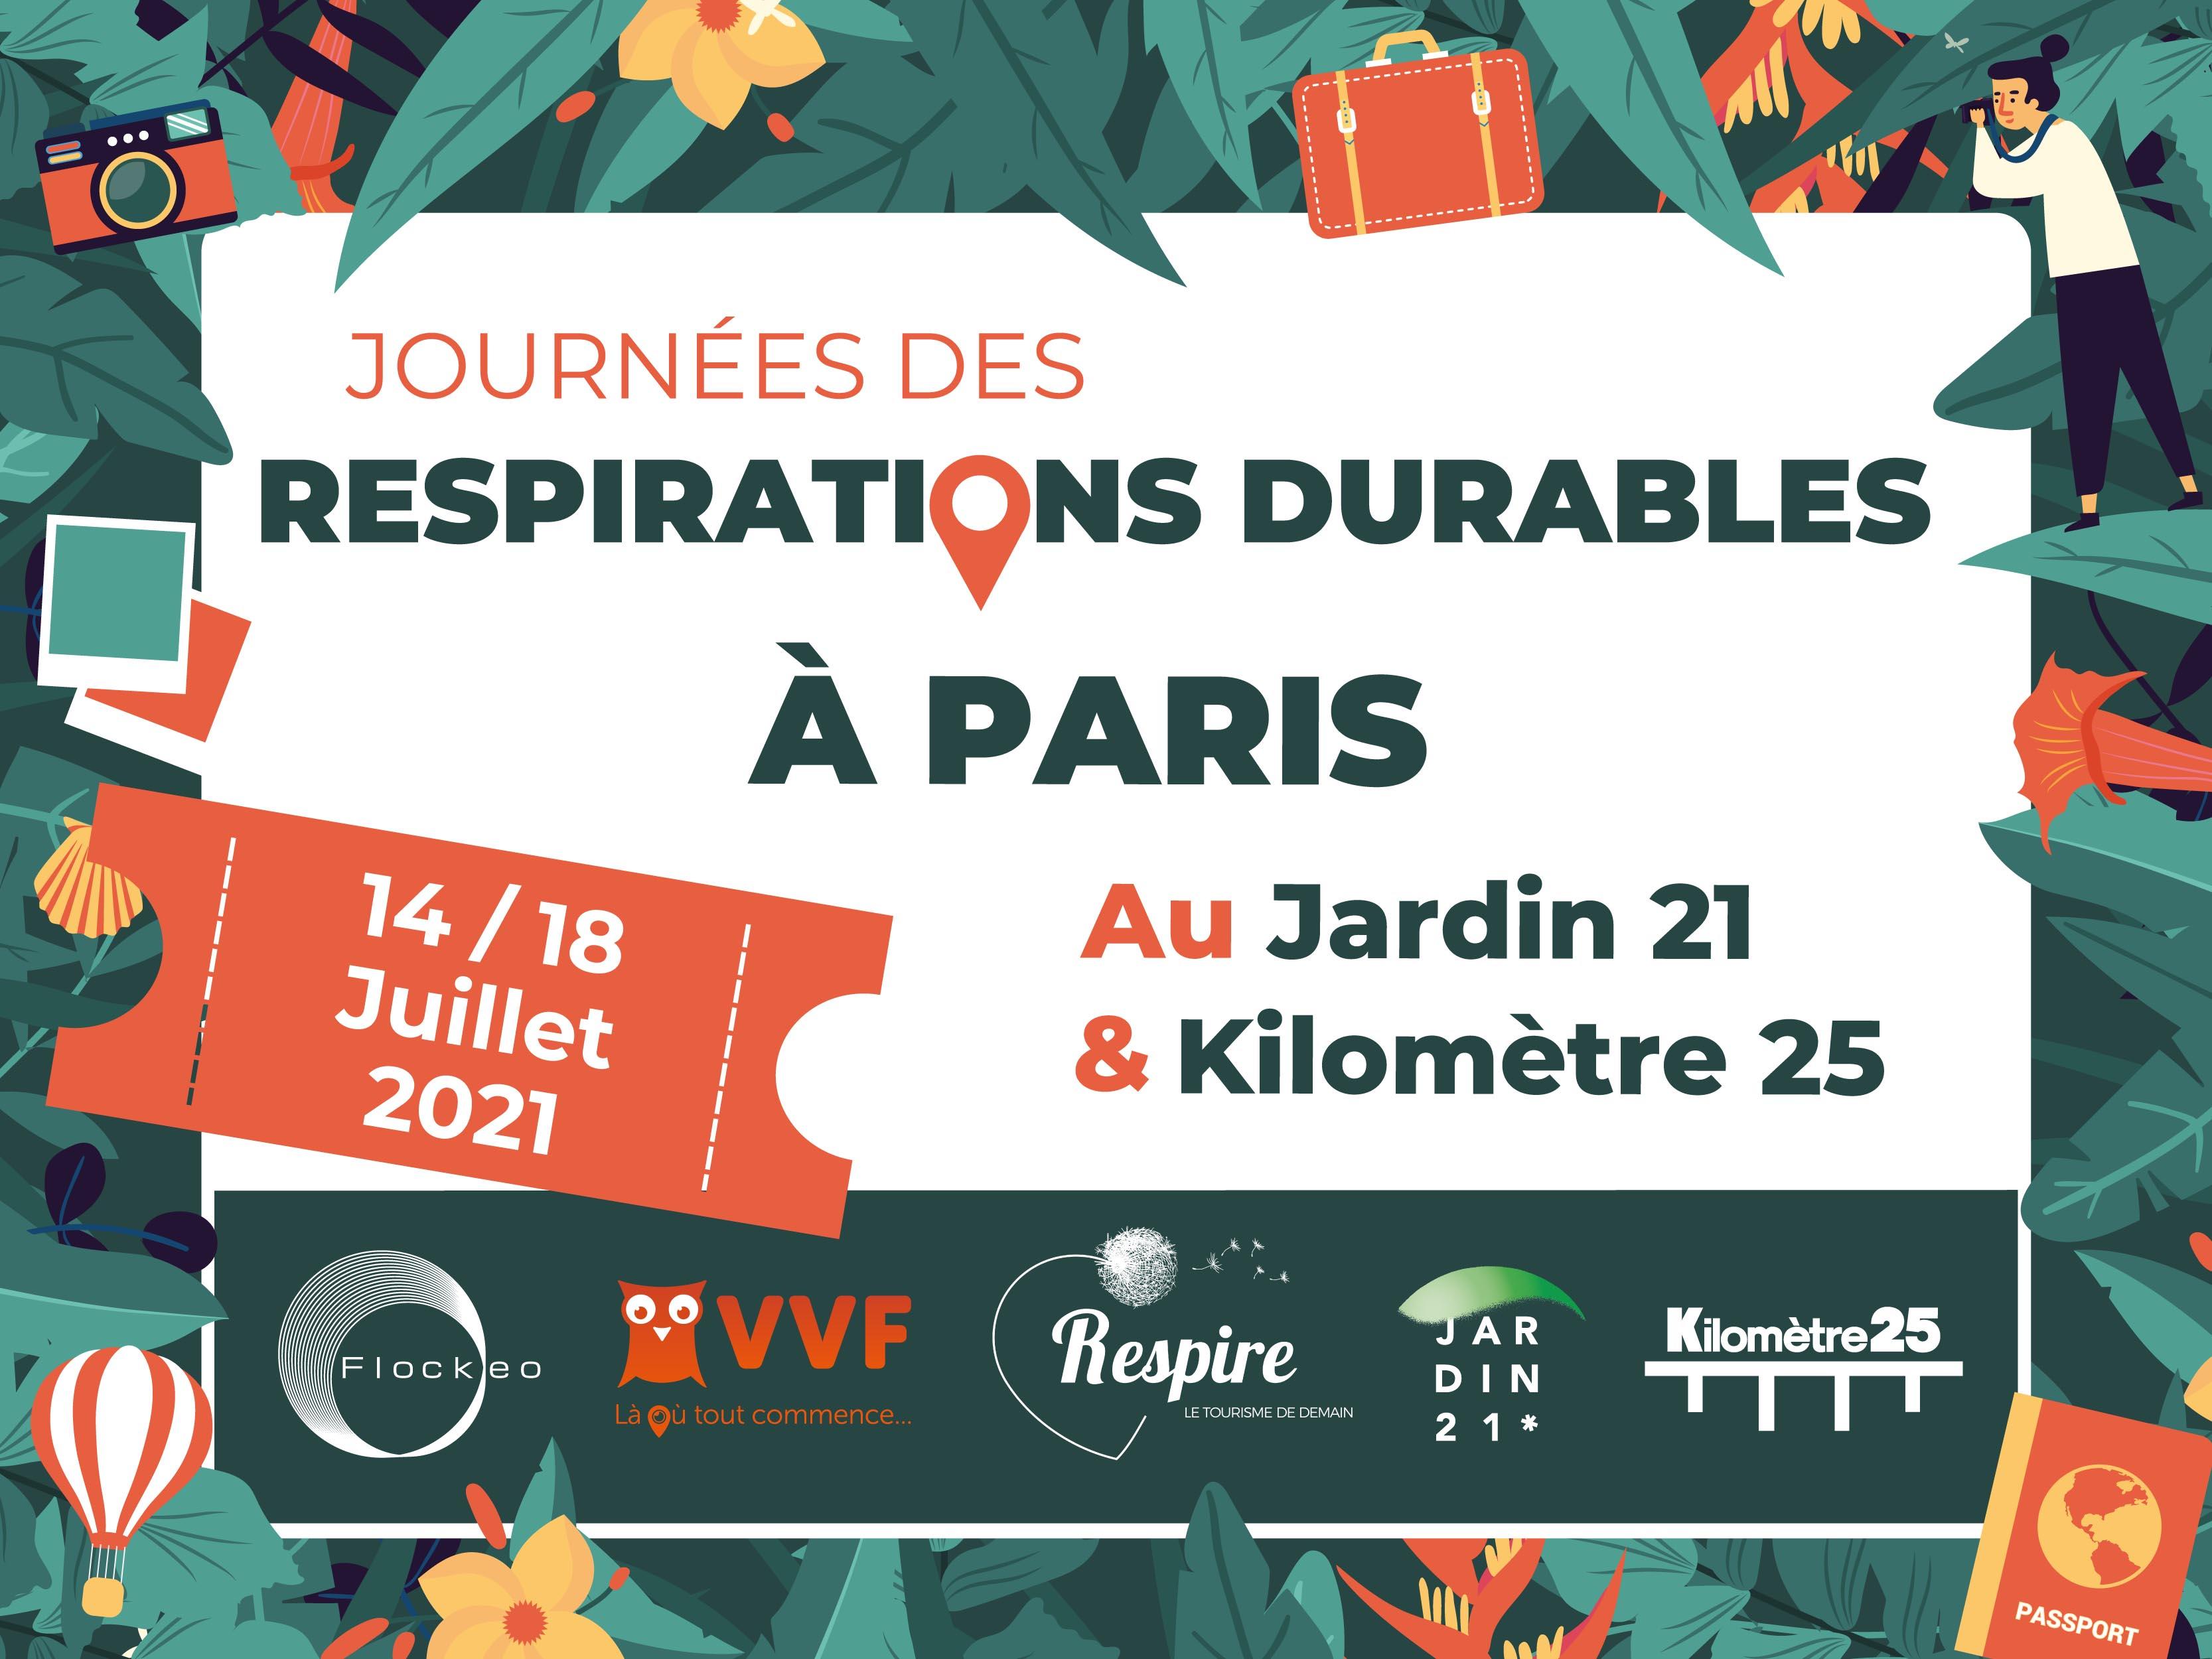 L'EFHT aux Journées des Respirations Durables © Respire, le tourisme de demain